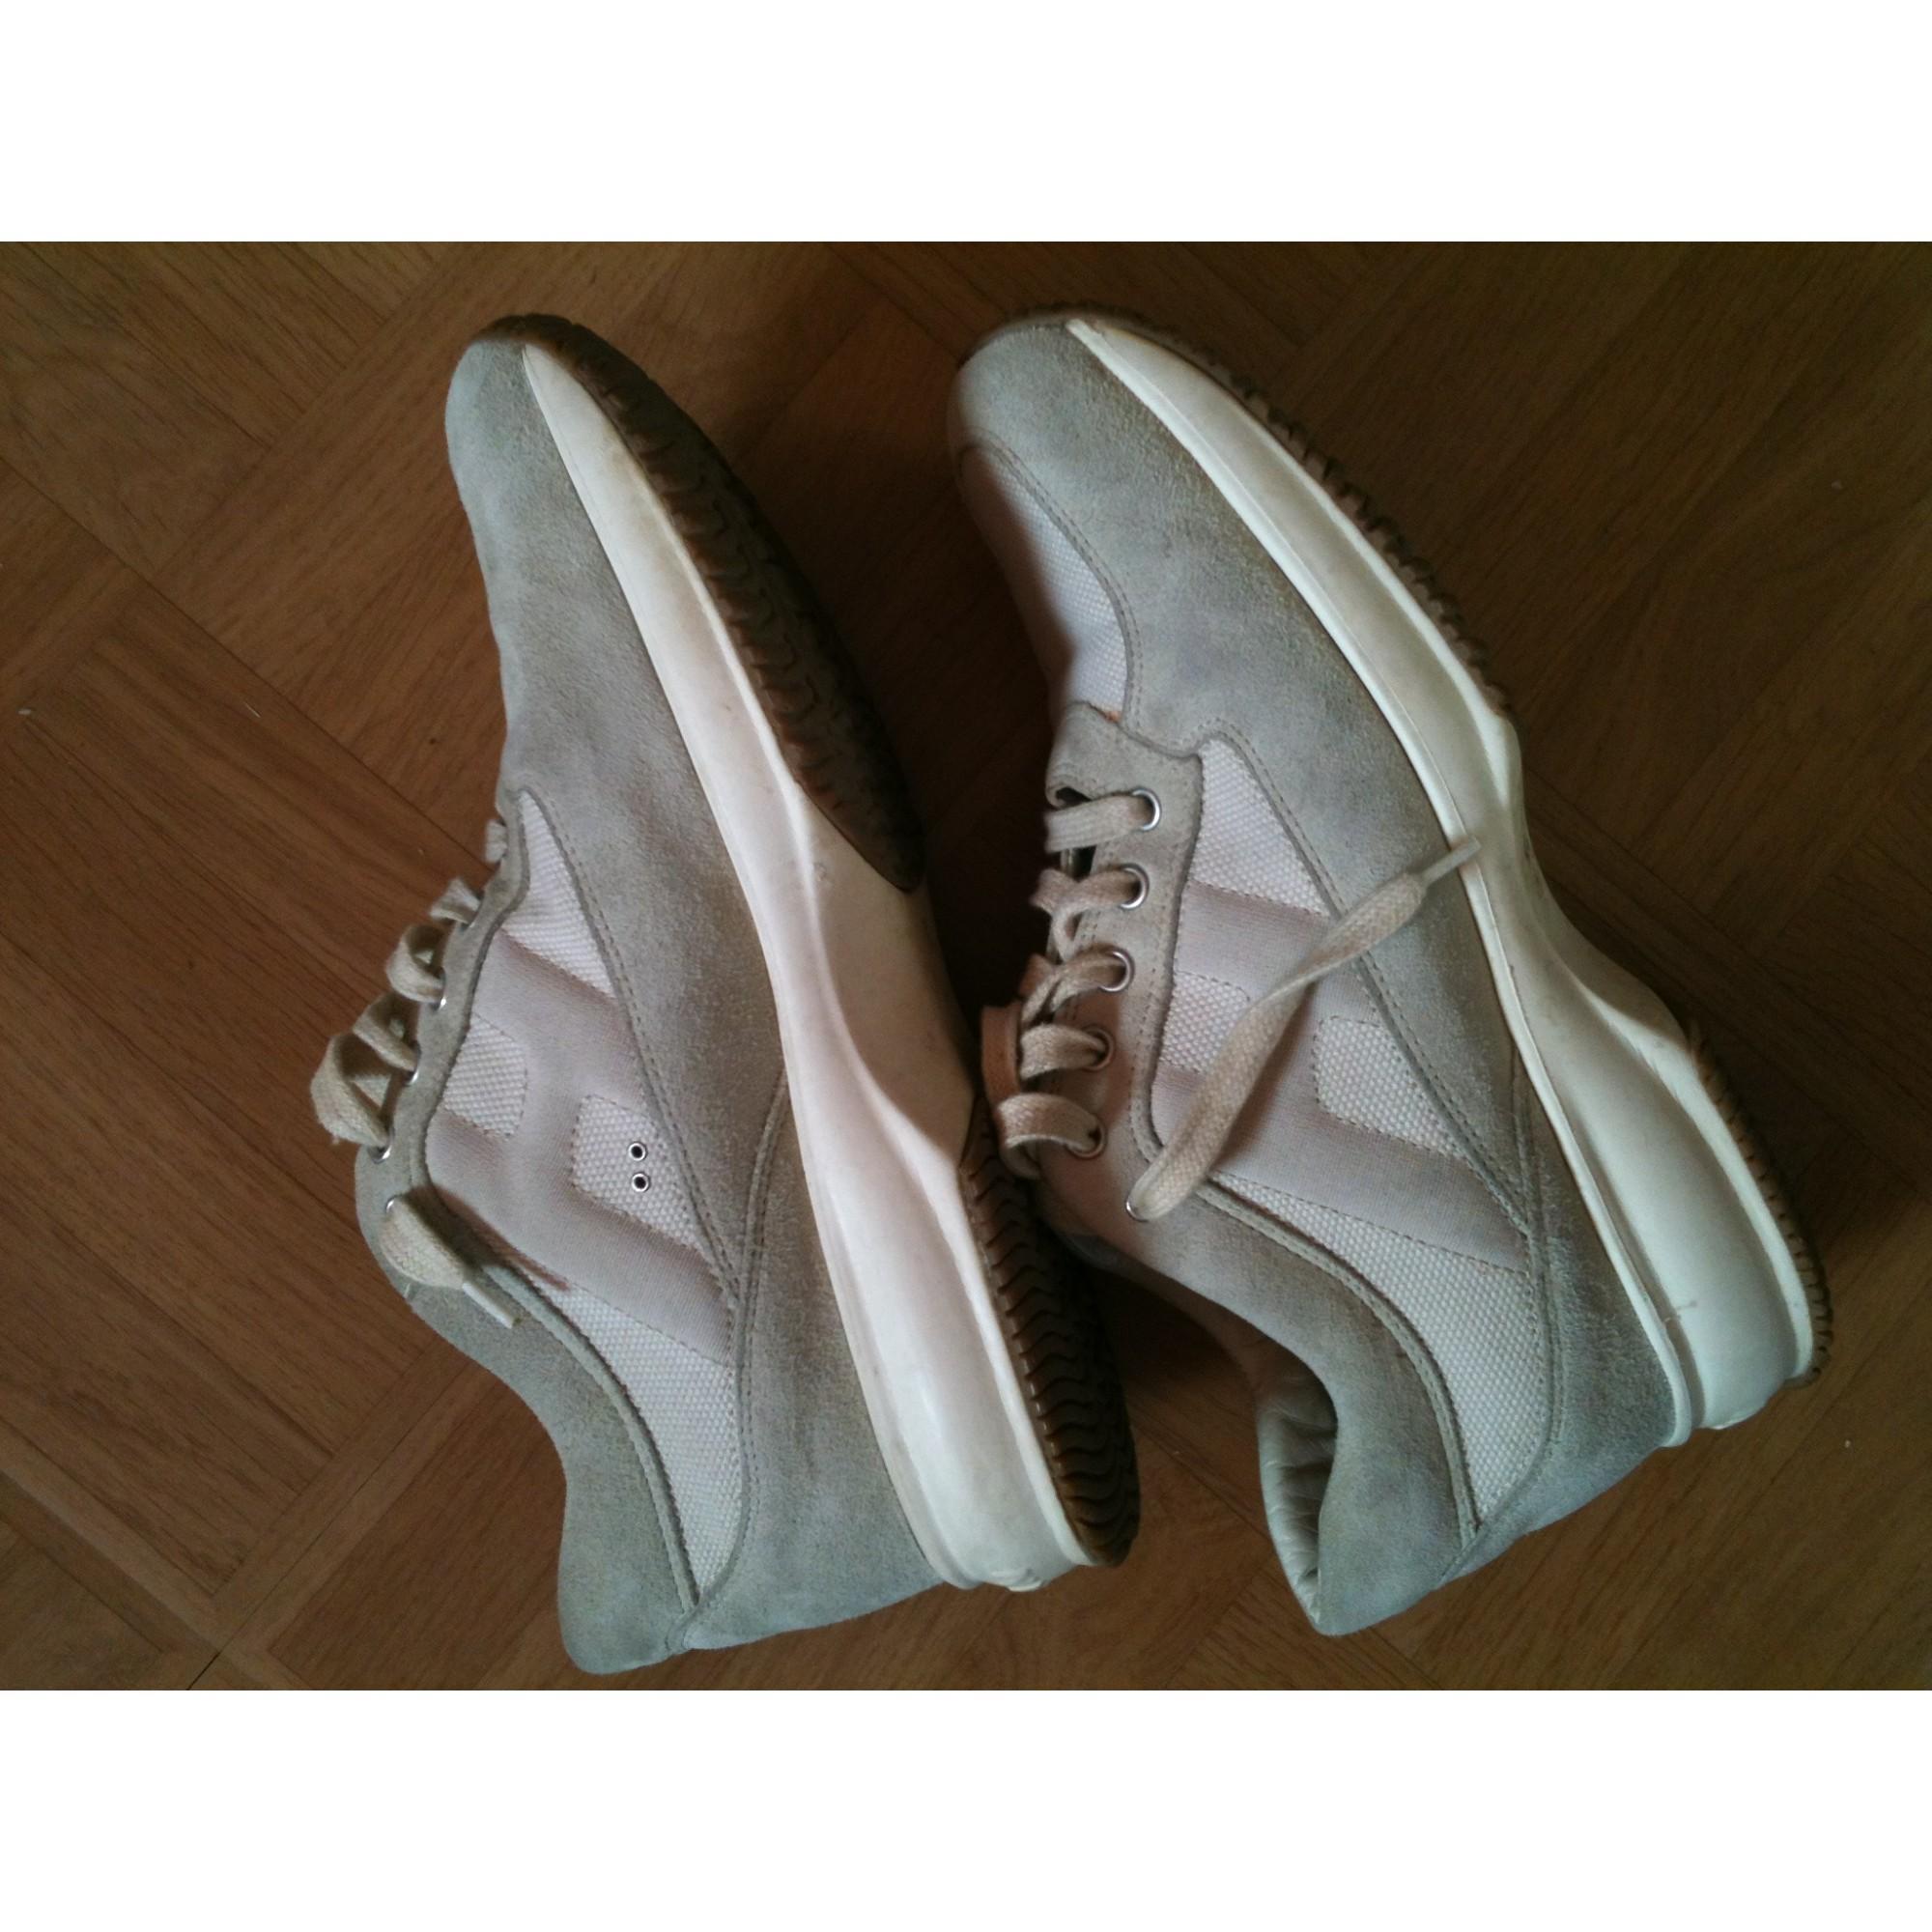 eeb3f18d1bff8 Chaussures à lacets HOGAN 38,5 gris vendu par Psyky124948 - 712286